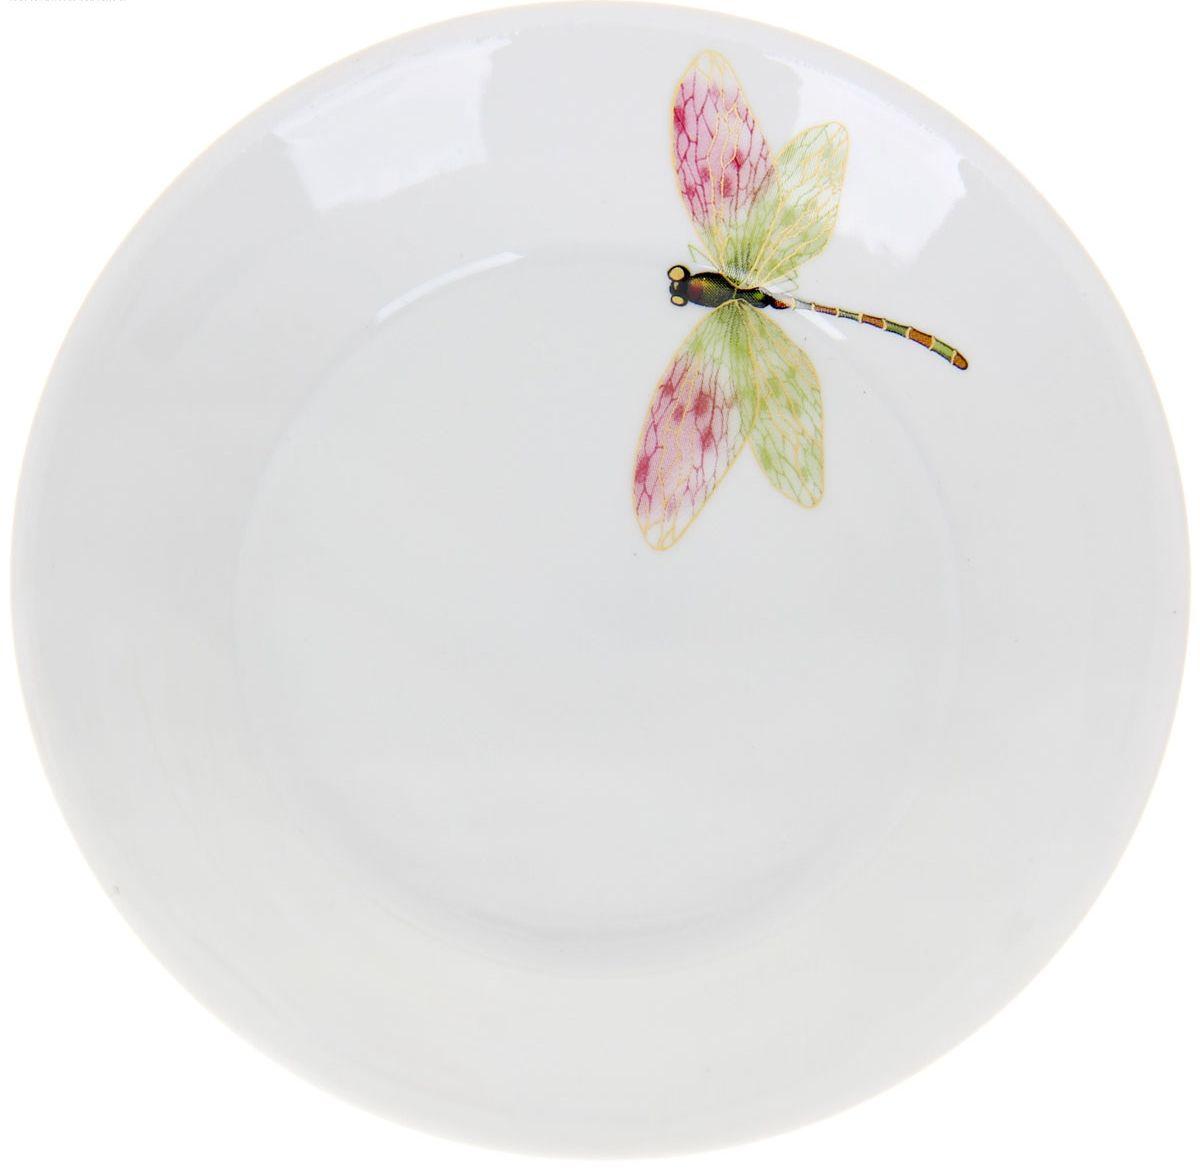 Блюдце Стрекоза, диаметр 14 см1224495От качества посуды зависит не только вкус еды, но и здоровье человека. Блюдце Стрекоза - товар, соответствующий российским стандартам качества. Любой хозяйке будет приятно держать его в руках.